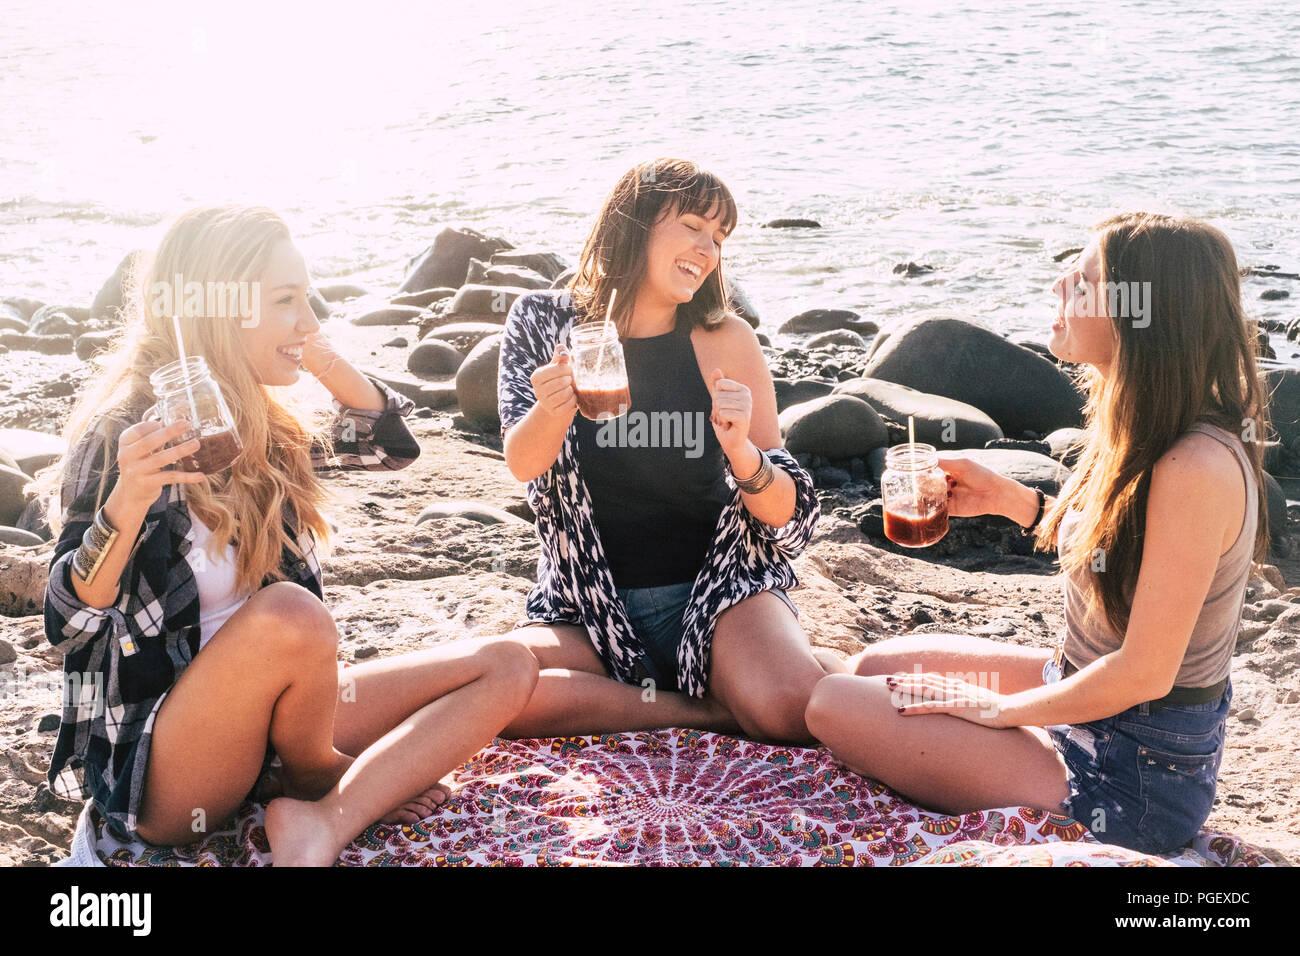 Gruppo di femmine amici seduti e godersi le attività per il tempo libero durante una vacanza estiva in spiaggia vicino all'oceano. sorrisi e gente allegra ha Immagini Stock